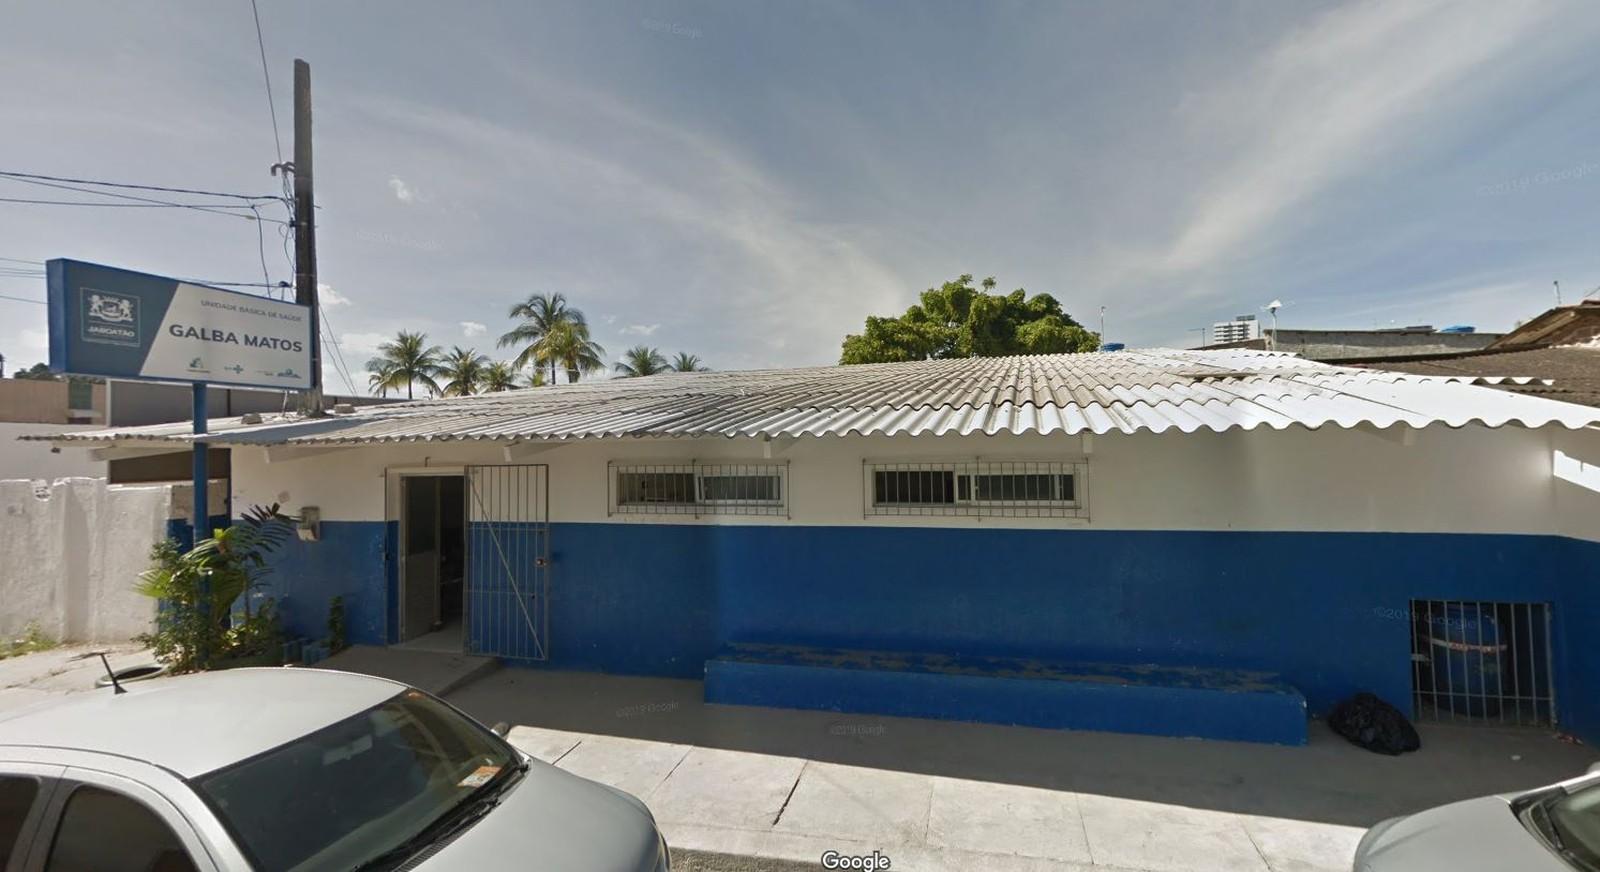 Jaboatão faz seleção simplificada com 25 vagas para médicos e salários de até R$ 10,9 mil